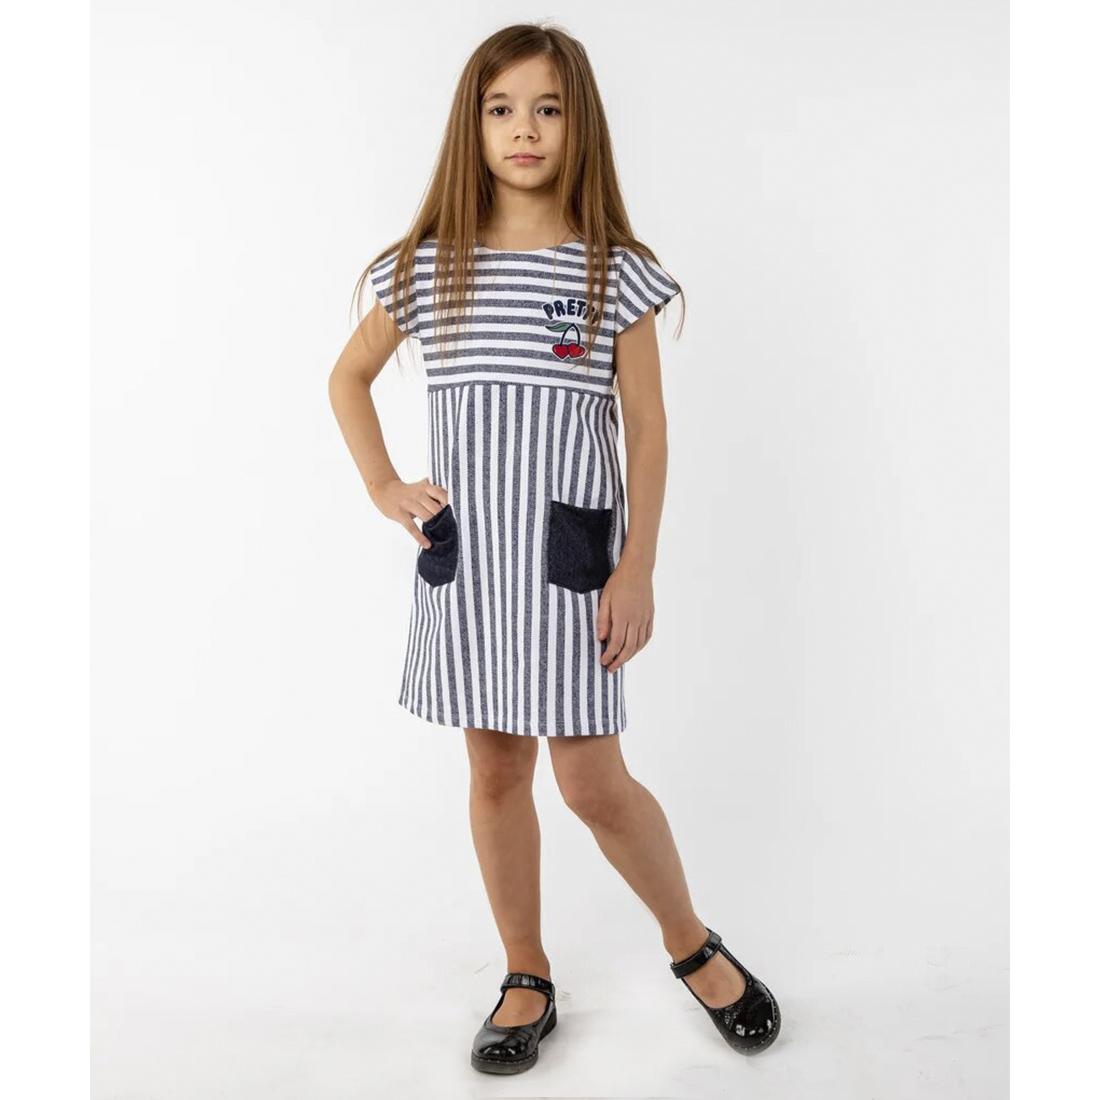 Купить 1028фд ап, Платье детское Юлла, цв. черный р. 104, Платья для девочек